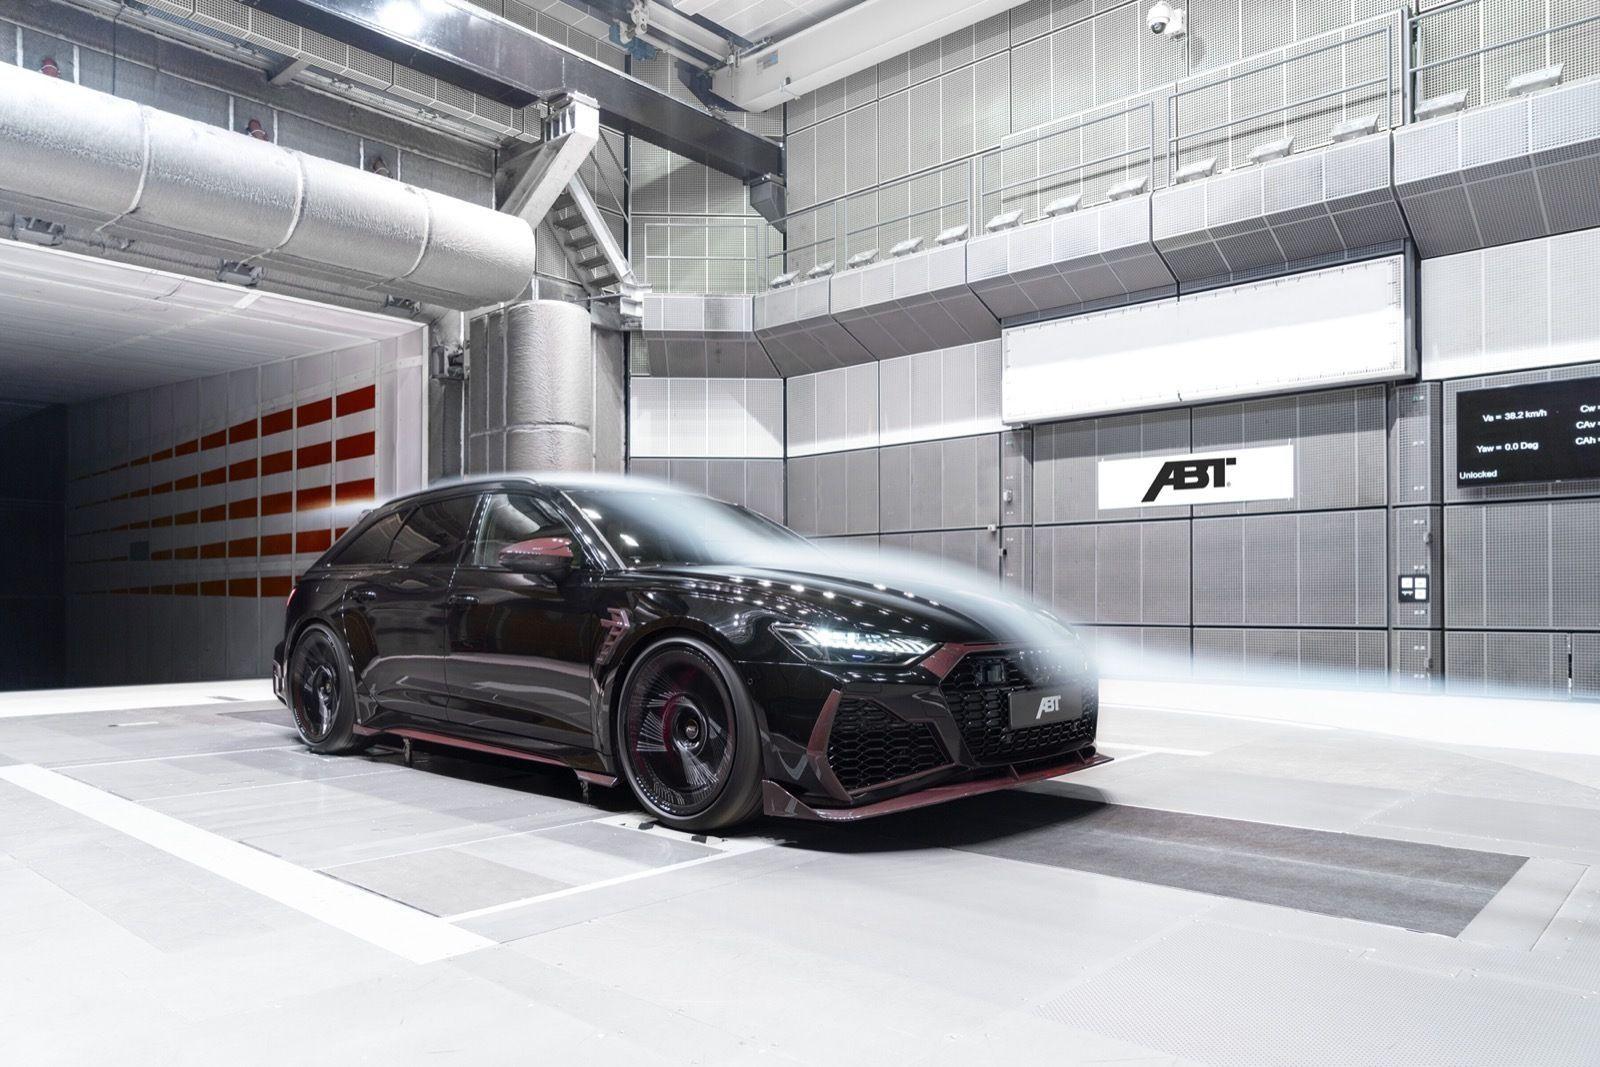 Audi_RS6_Johann_Abt_Signature_Edition-0020